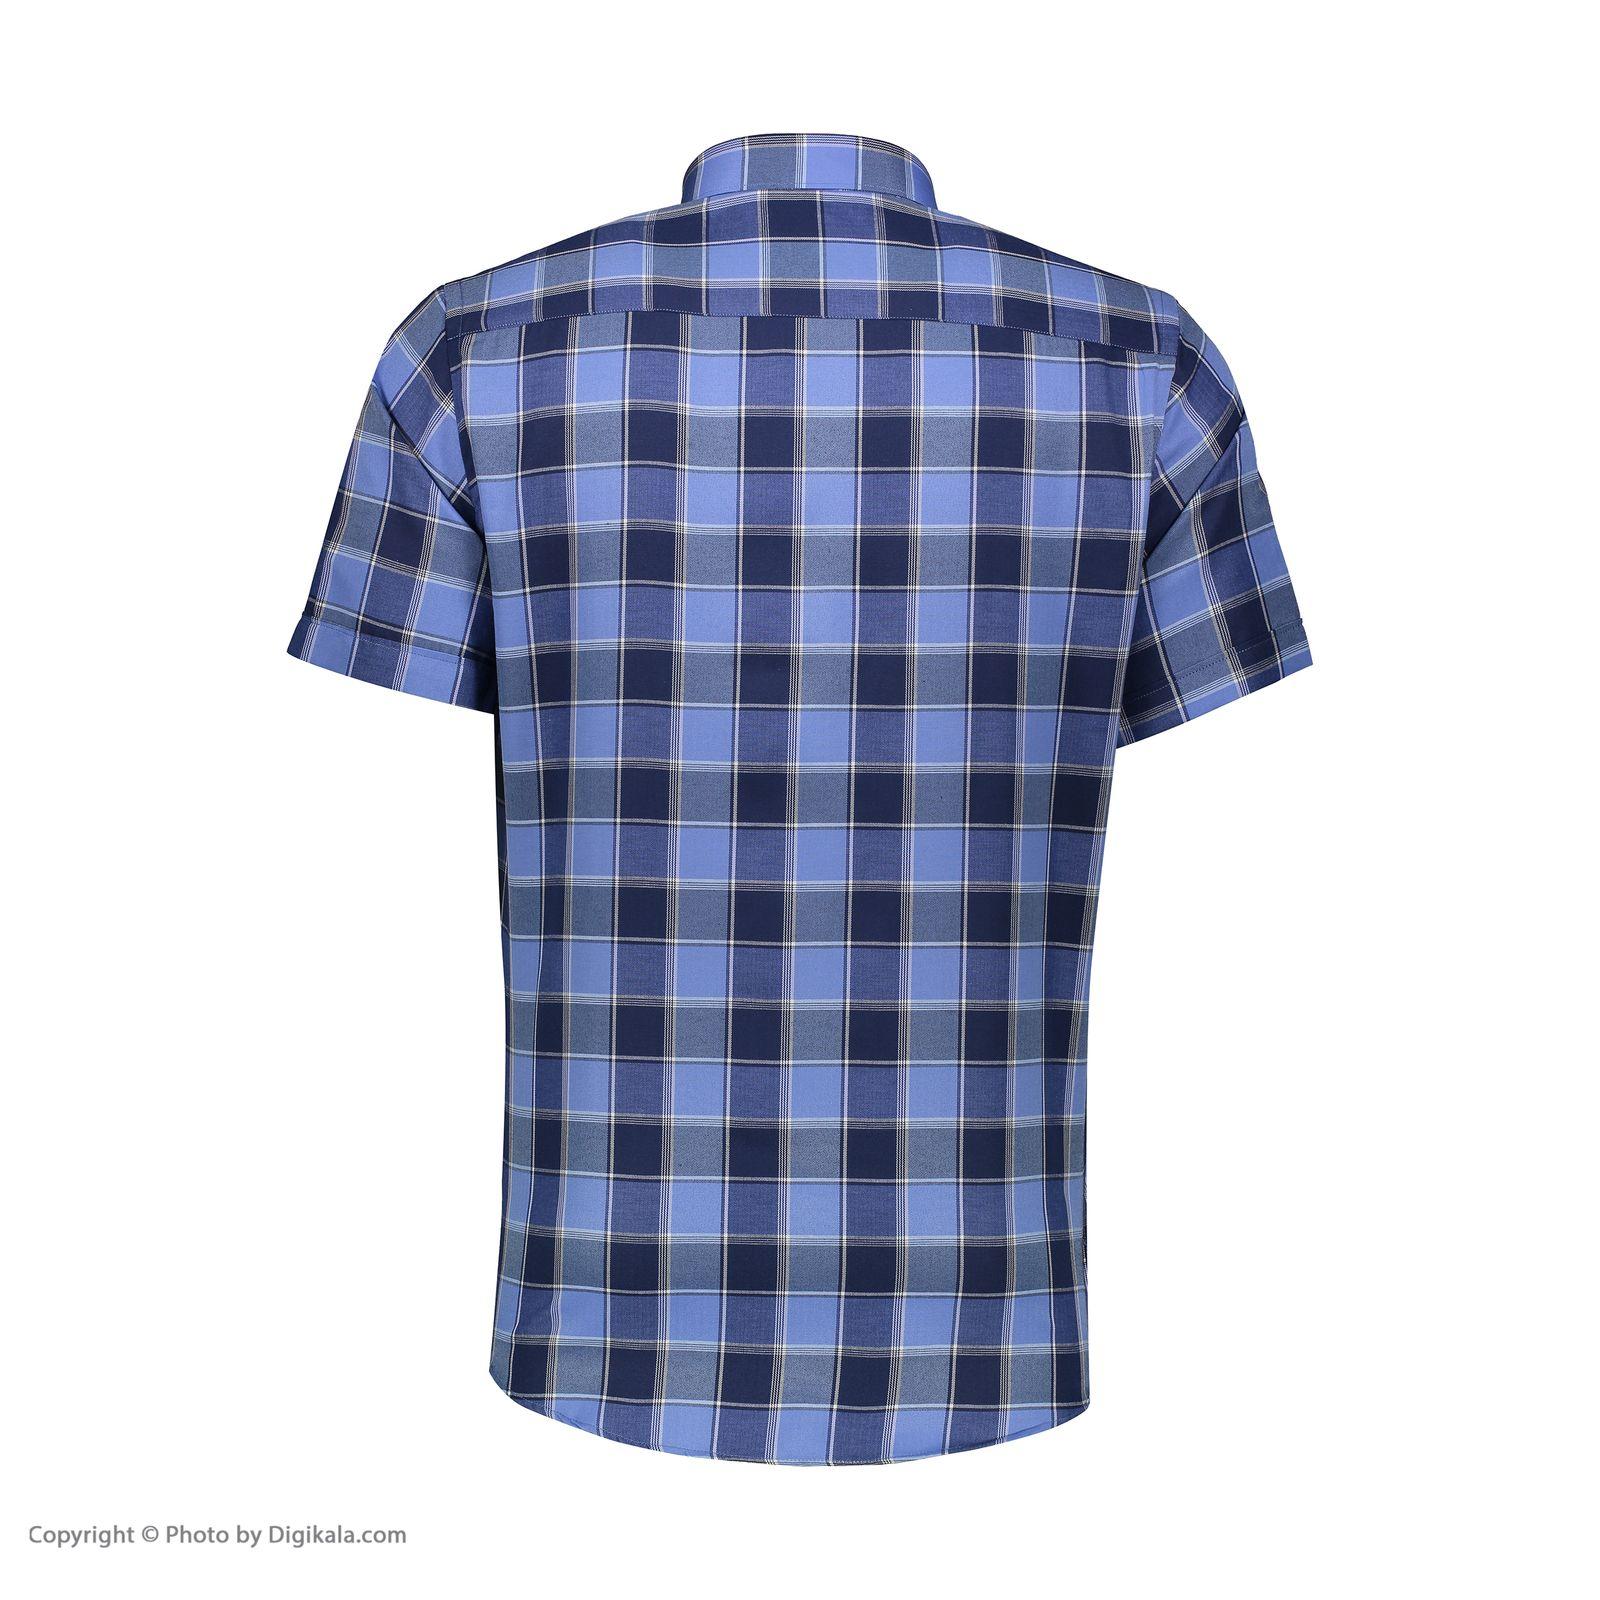 پیراهن مردانه زی مدل 15312305859 -  - 5